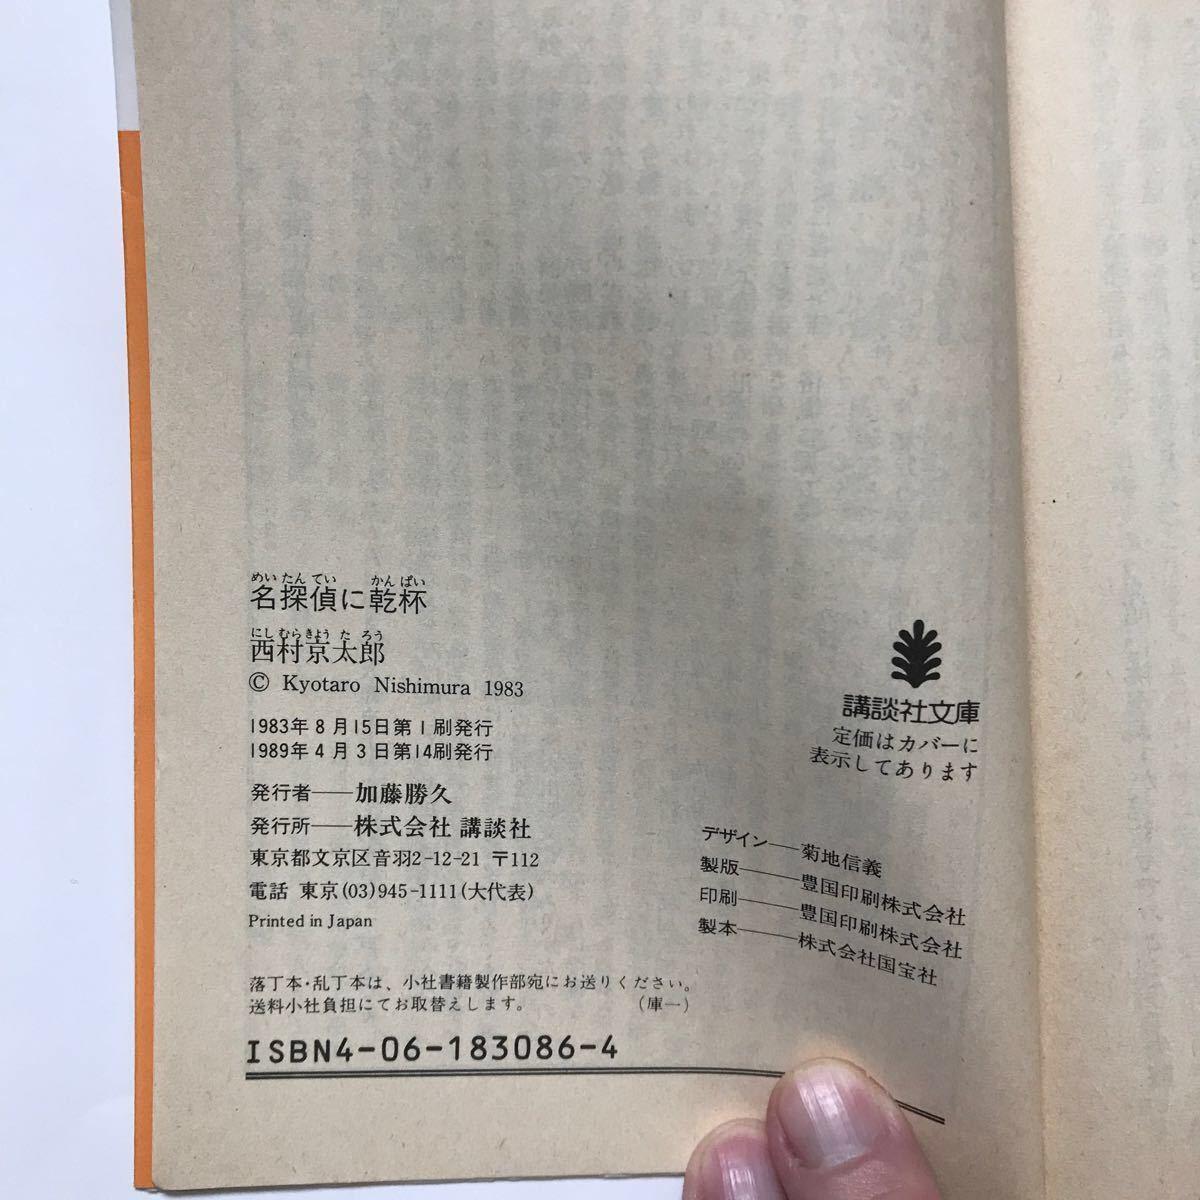 講談社 文庫 名探偵 に 乾杯 西村京太郎 本 追悼 傑作 殺人 事件 シリーズ ポアロ 別荘 ミステリー クリスティ 親友